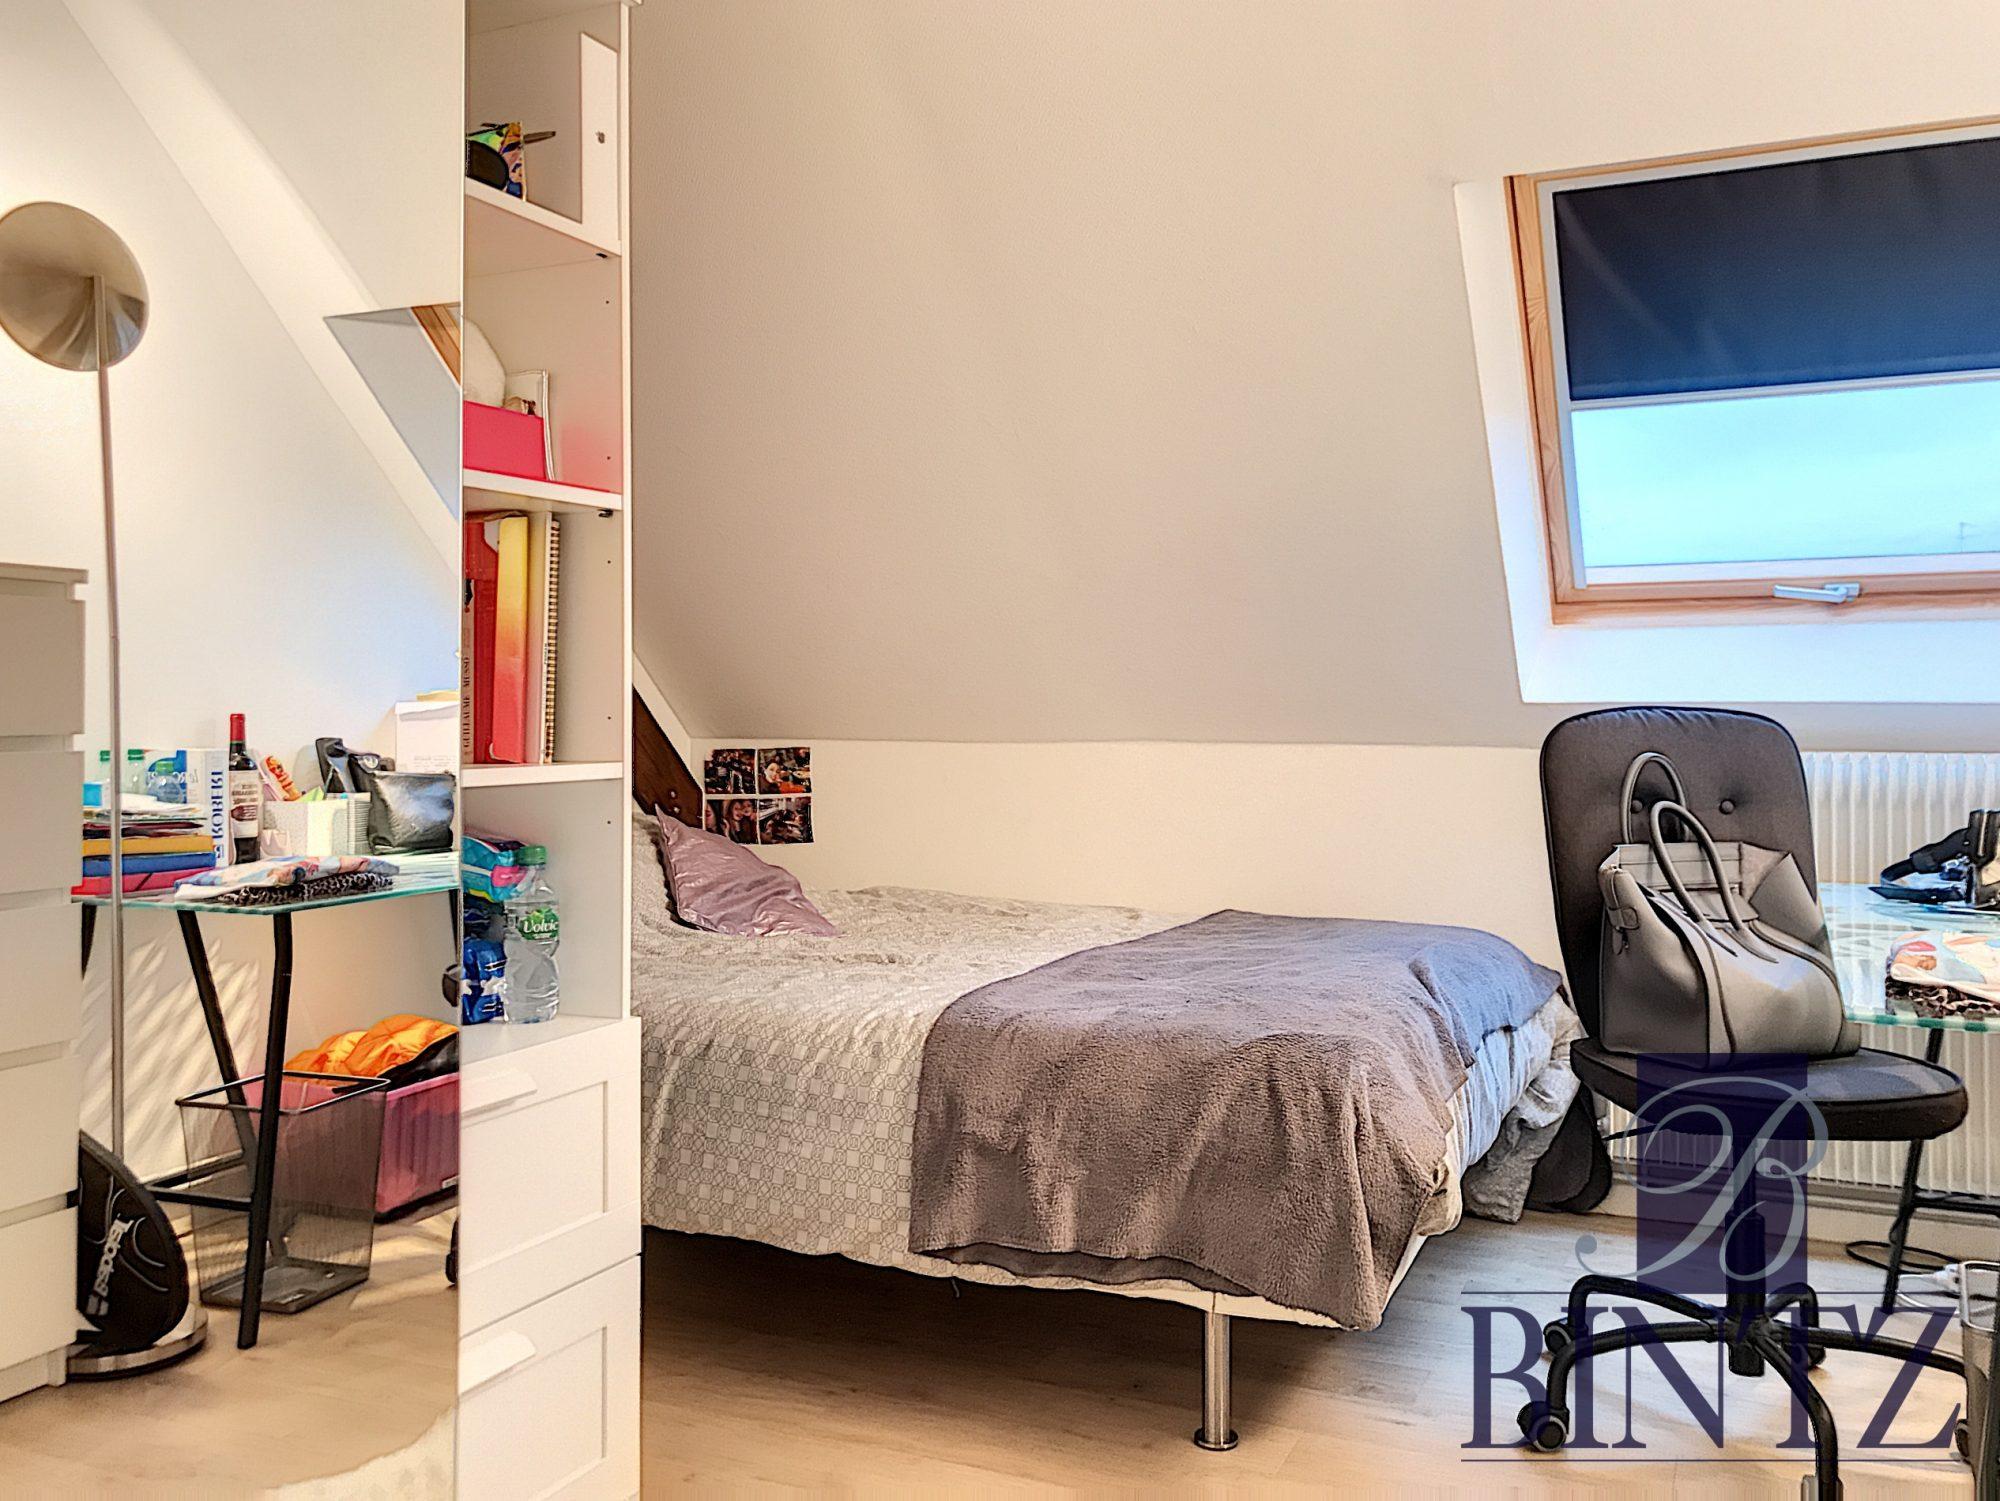 Très beau 8 pièces à l'Orangerie - Devenez locataire en toute sérénité - Bintz Immobilier - 8